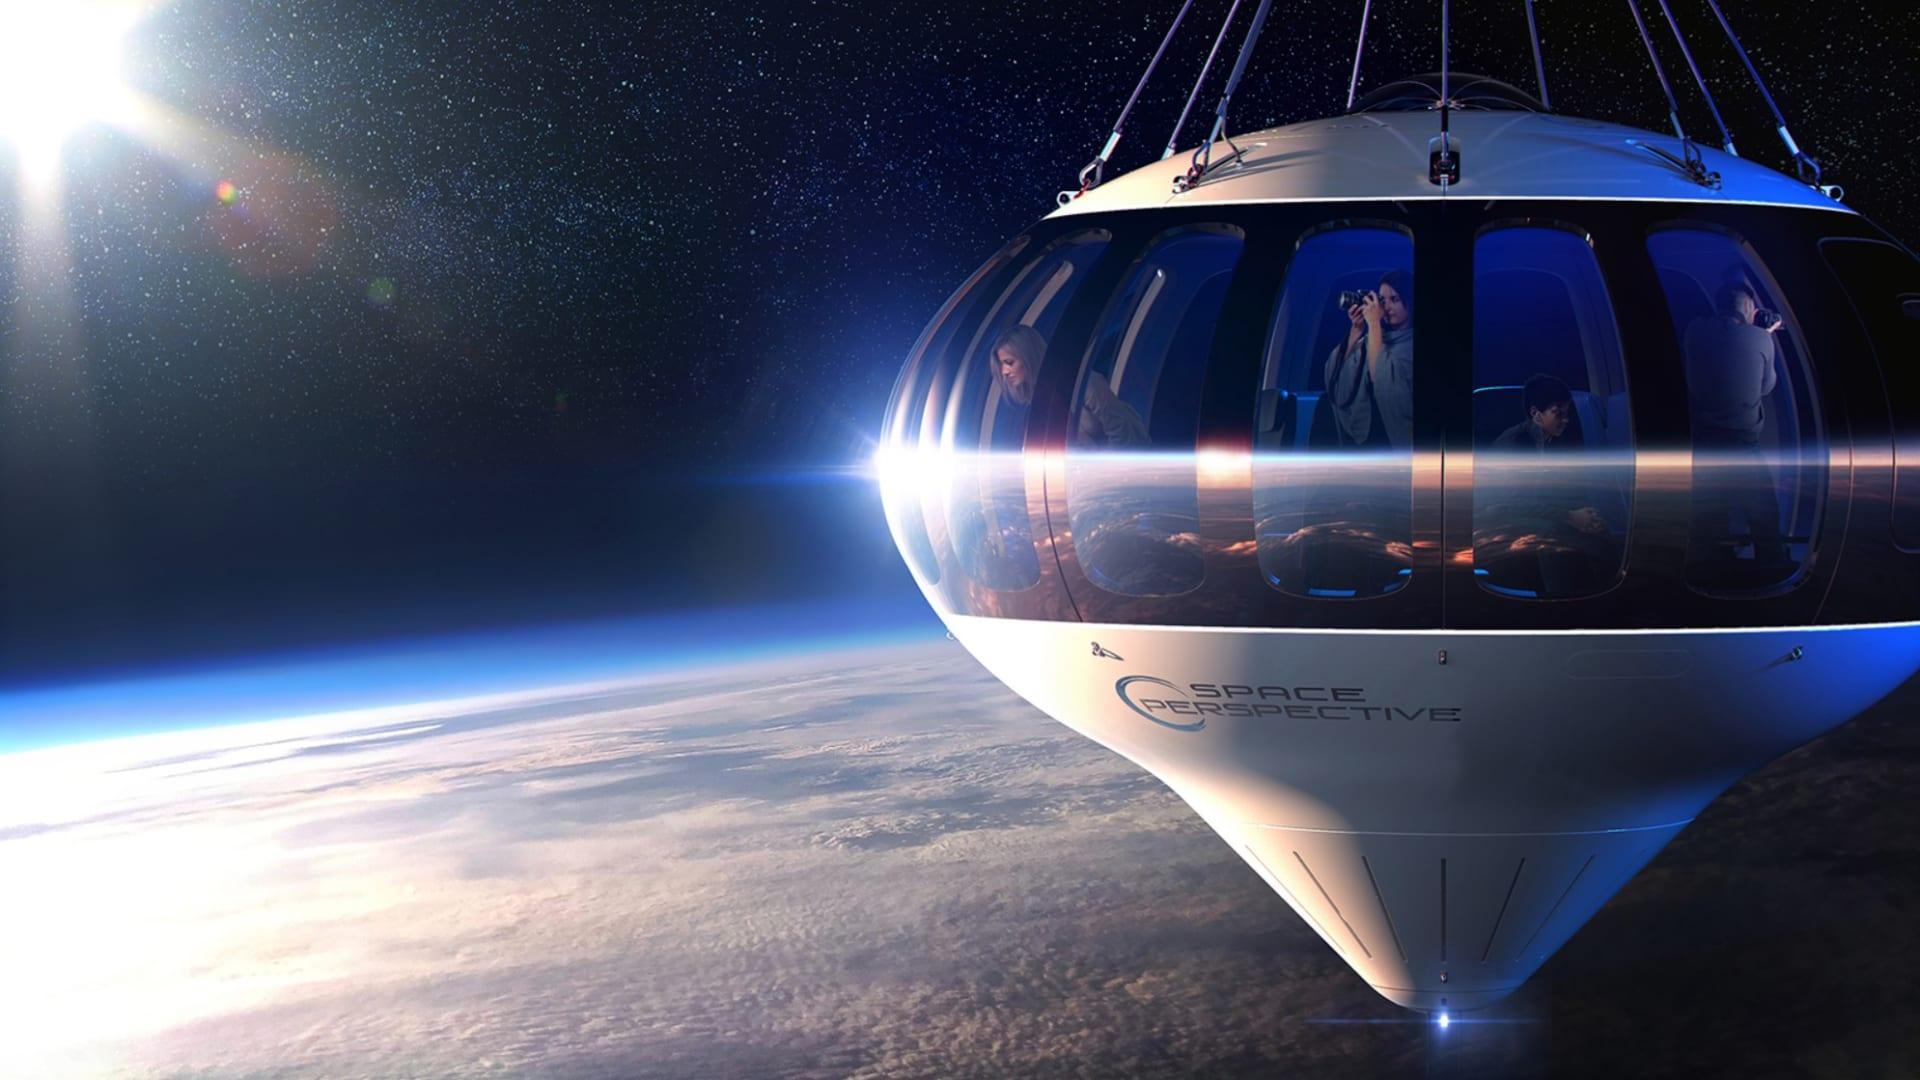 هذا البالون بطول ملعب كرة قدم سيأخذك إلى حافة الفضاء.. لو كنت تملك 125 ألف دولار فائضًا عن حاجتك